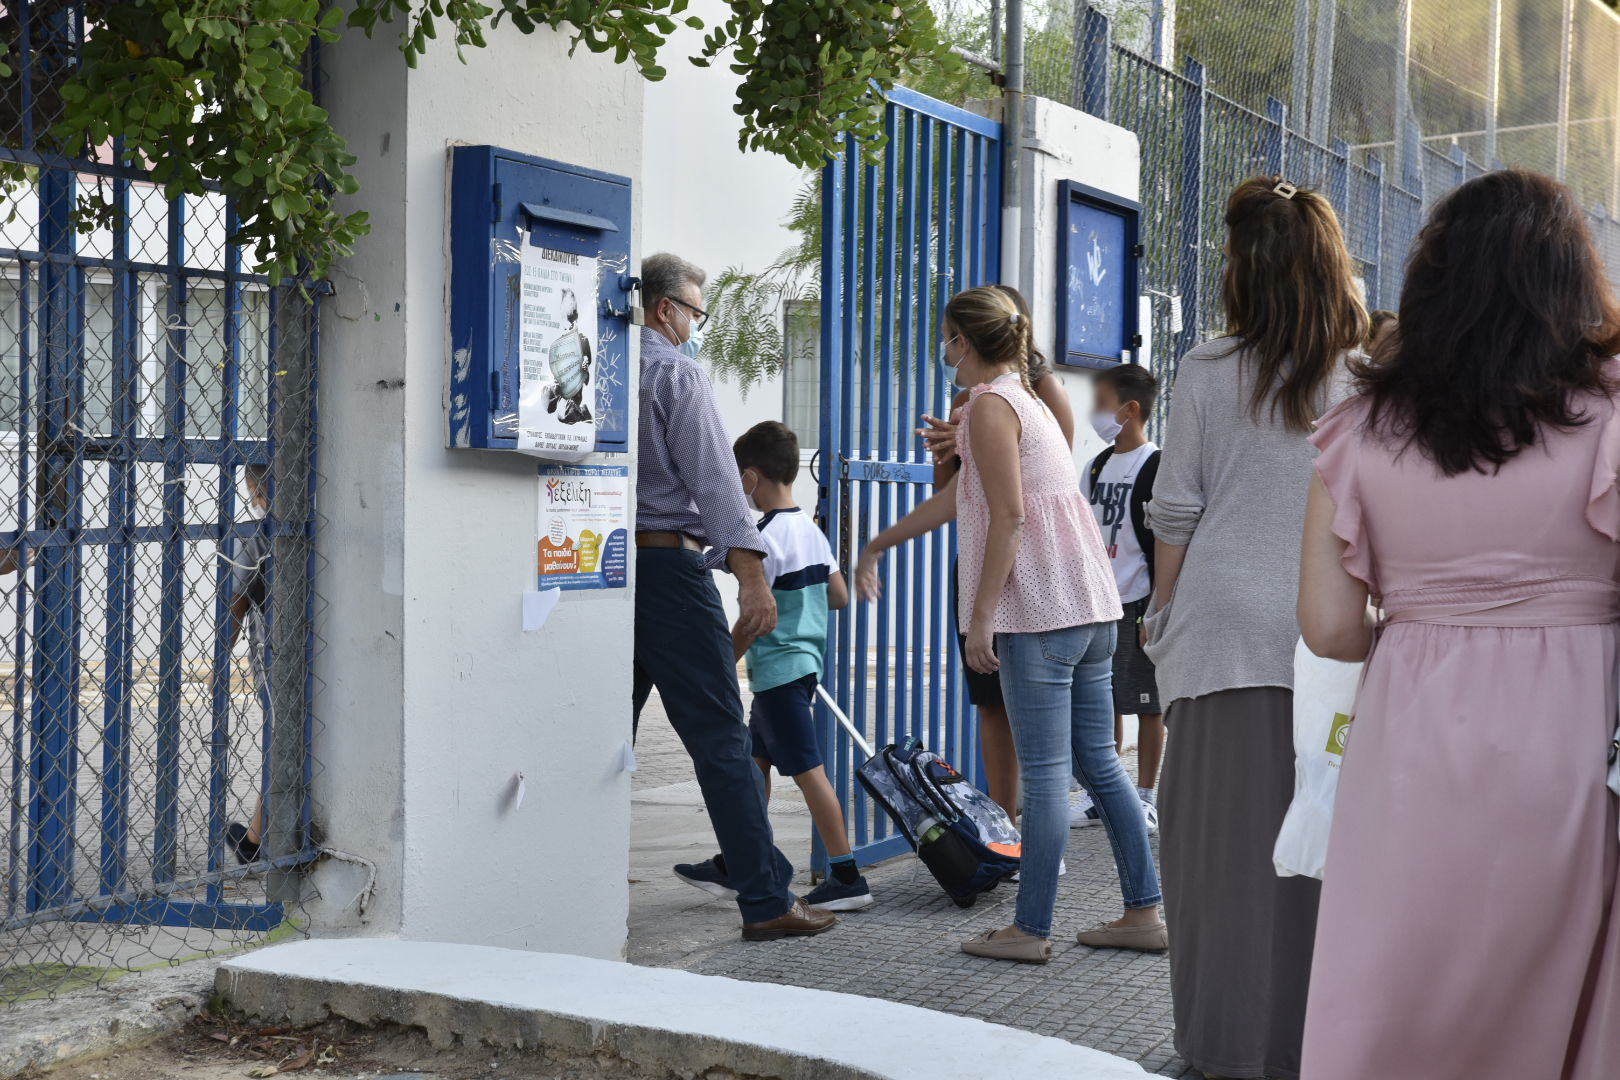 Εισαγγελική παρέμβαση για τις «επιθέσεις» αντιεμβολιαστών και αρνητών γονιών κατά εκπαιδευτικών